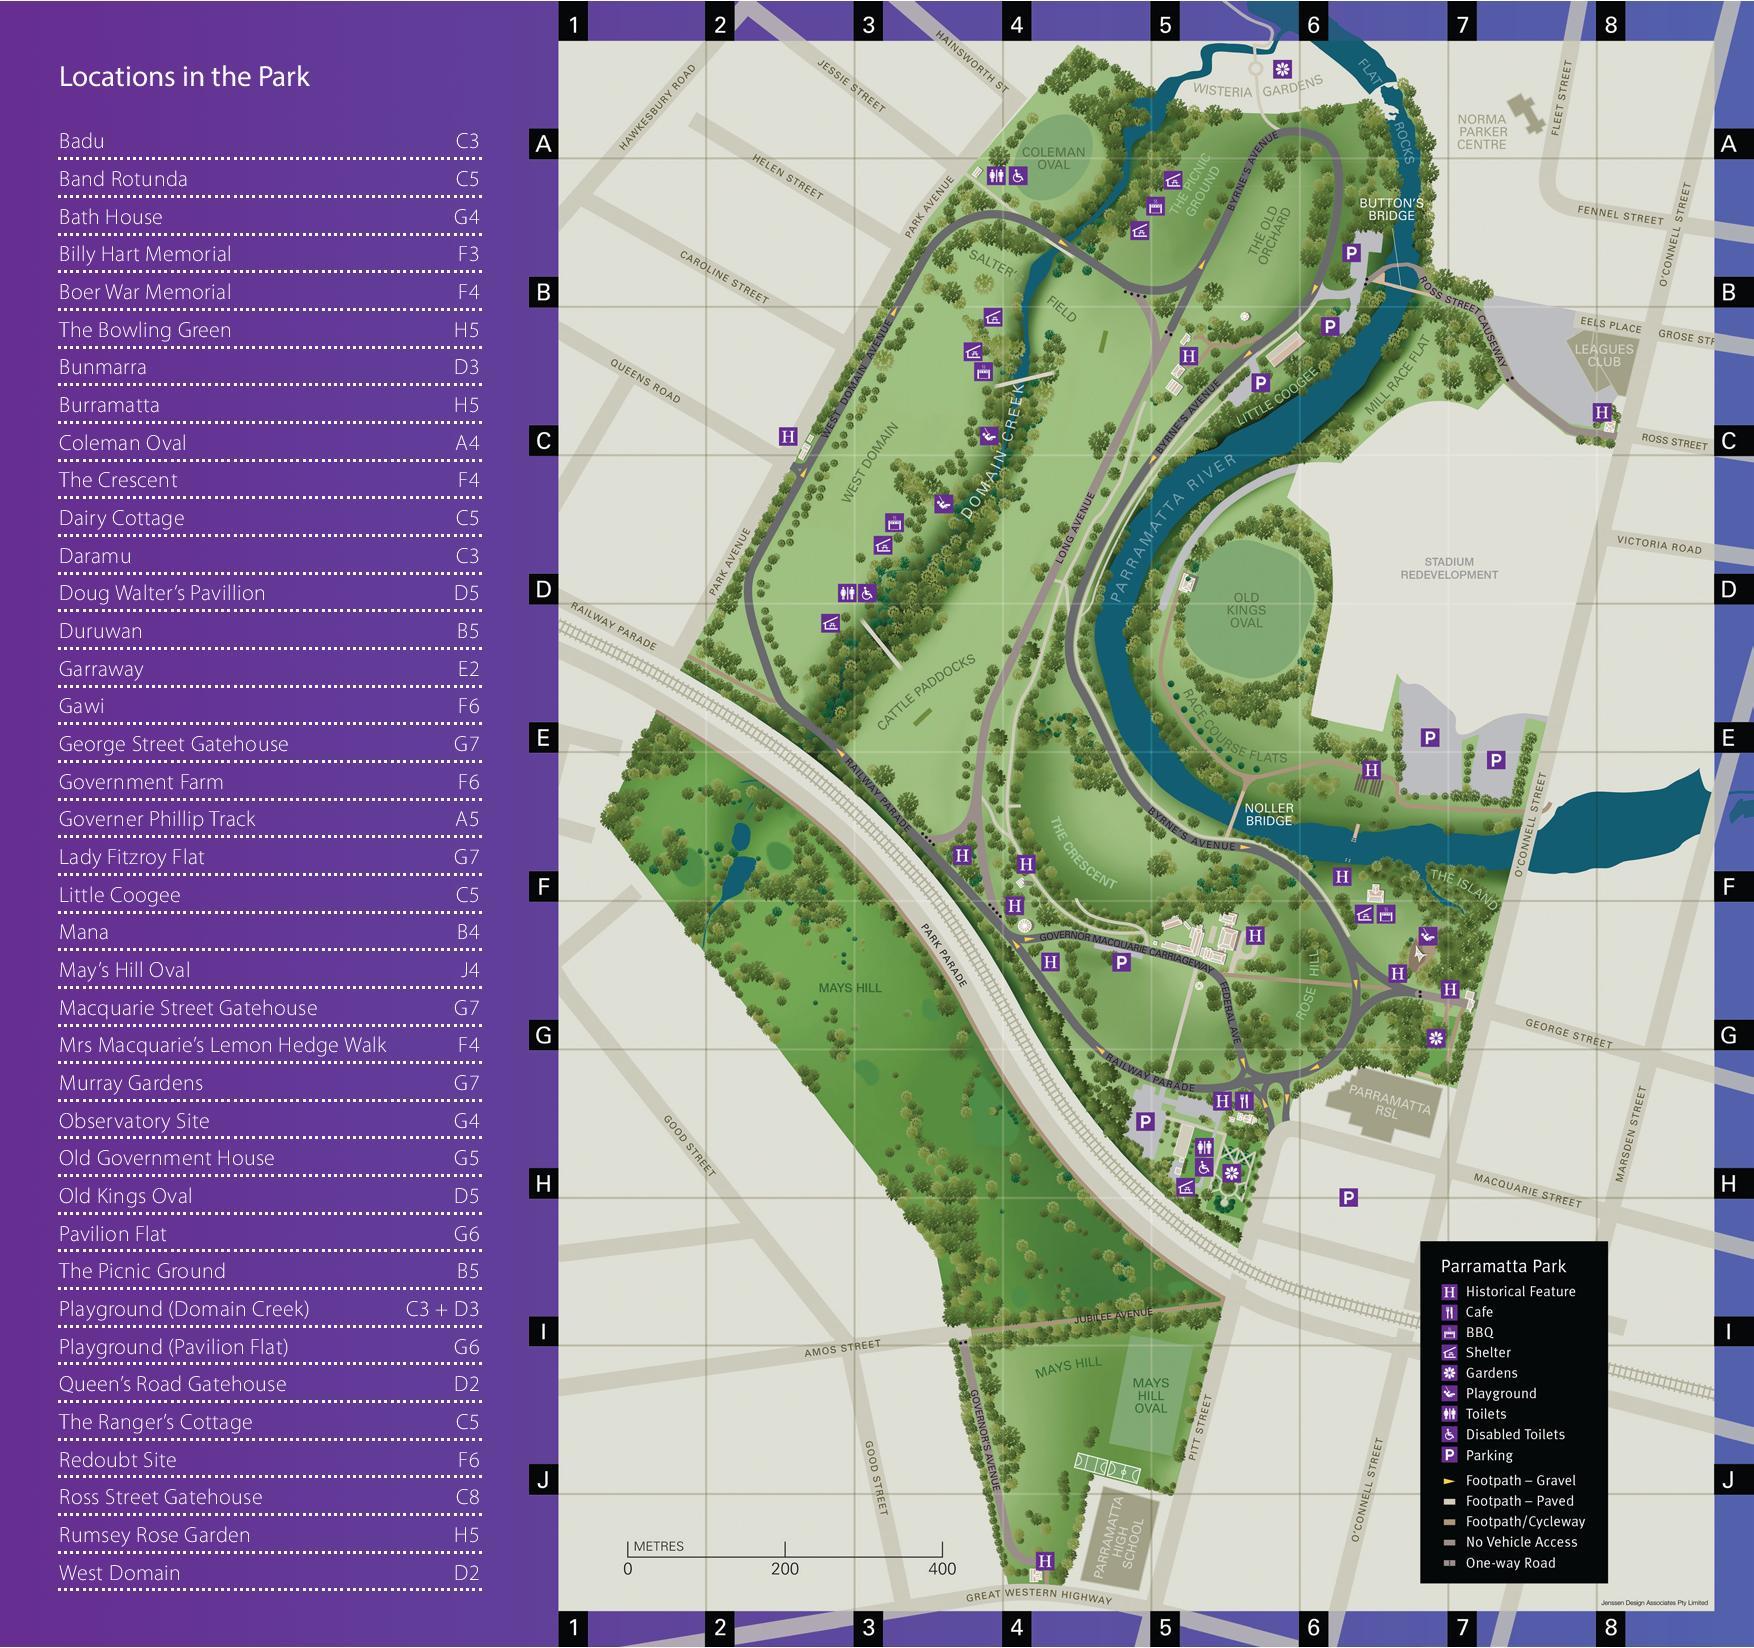 Parramatta Park Map Parramatta Park Map | ParraParents Parramatta Park Map